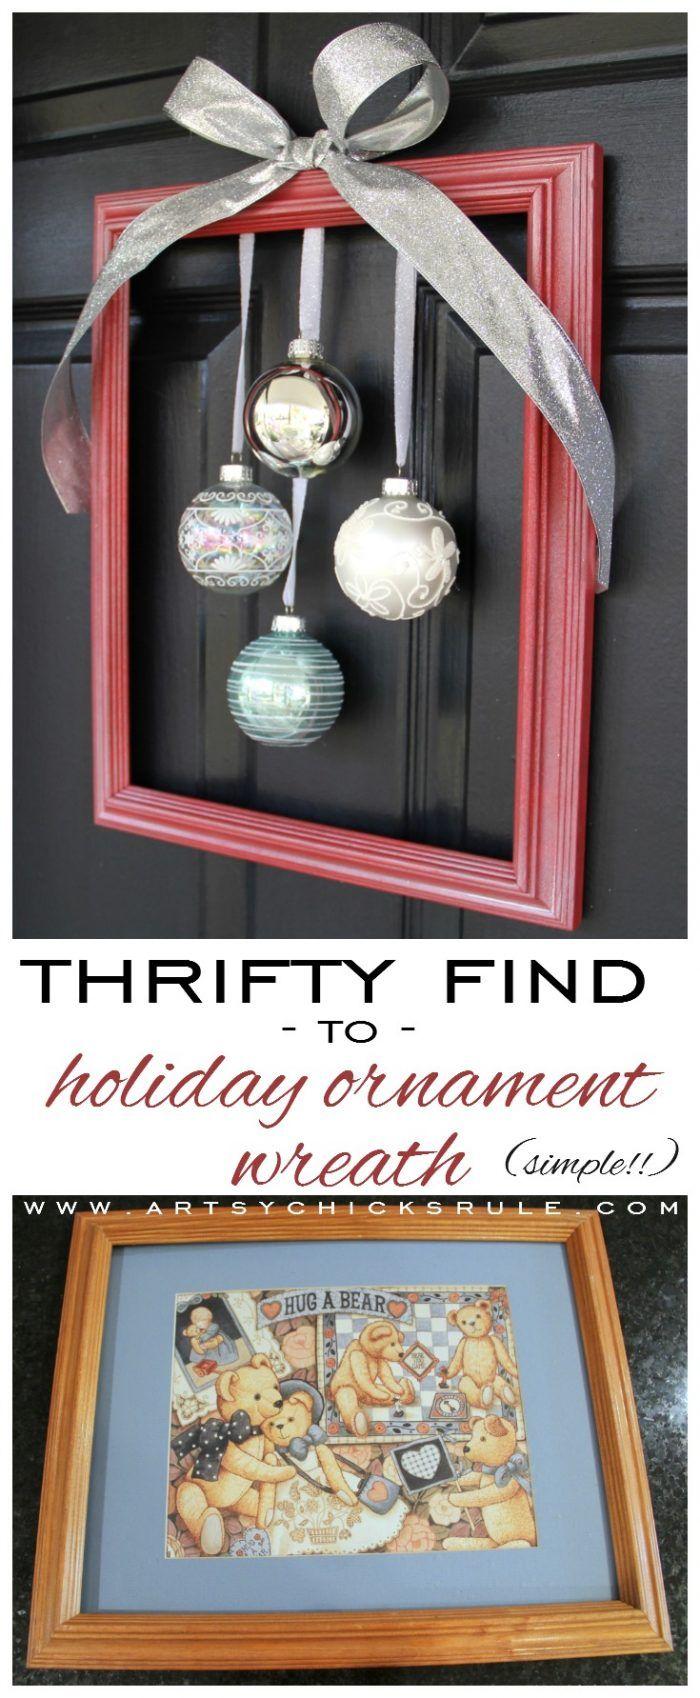 So Simple!!! DIY Framed Ornament Wreath #wreath #diy #ornamentwreath #framedornamentwreath artsychicksrule.com